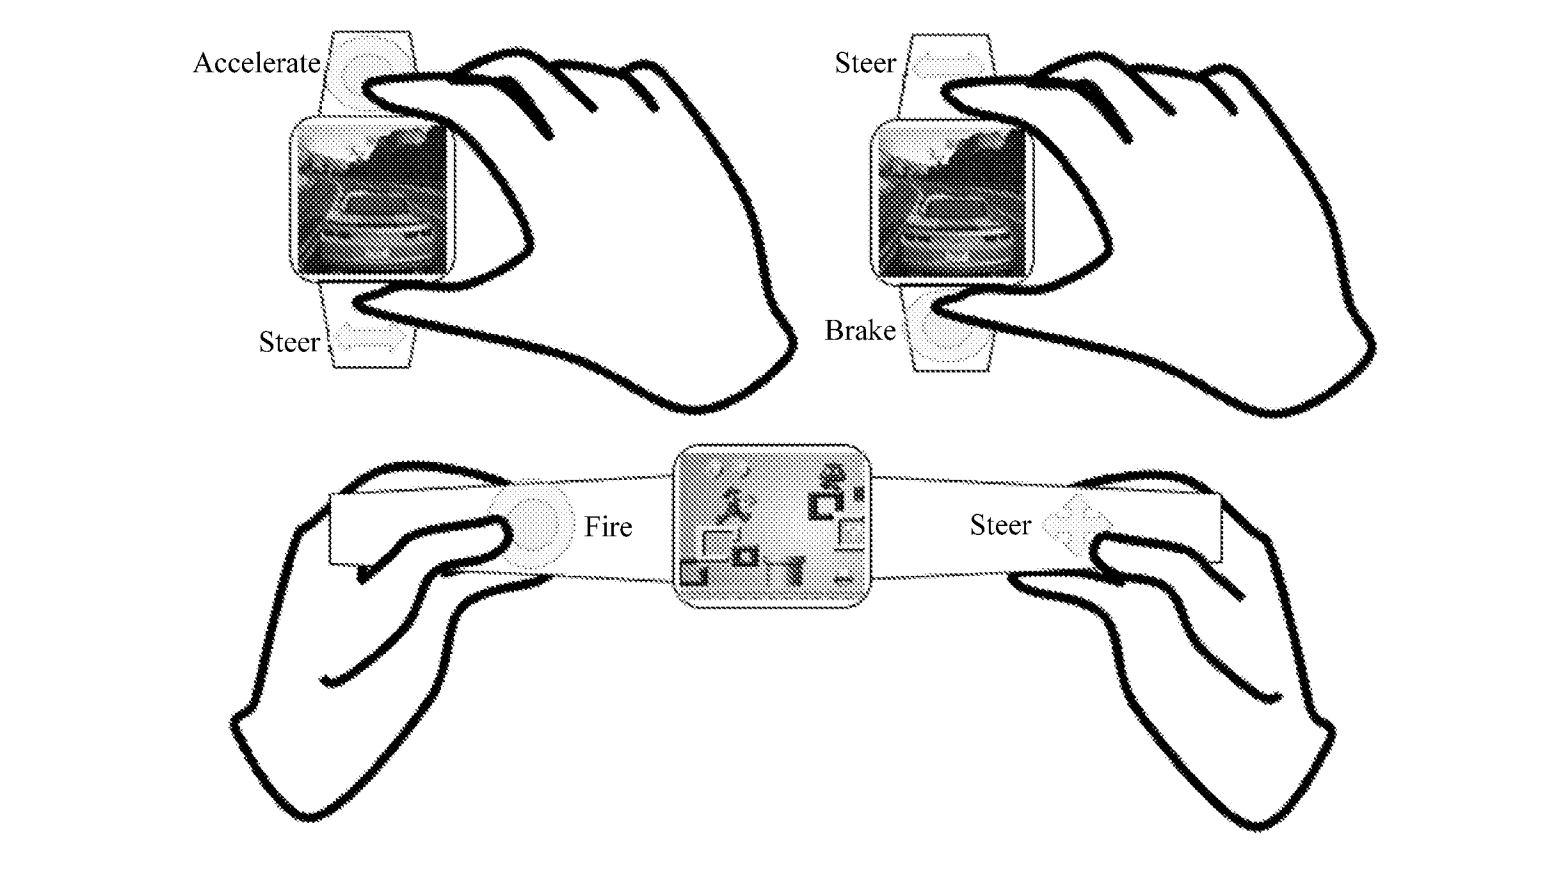 La idea es un tanto alocada, pero si nos ponemos a pensar en la patente, bueno es así como nacen nuevos productos tecnológicos con imaginación, con conceptos impensables y aunque muchos de ellos nunca terminan convirtiéndose en una realidad ya sabemos que fue Huawei quien patentó esta idea del smartwatch gaming.